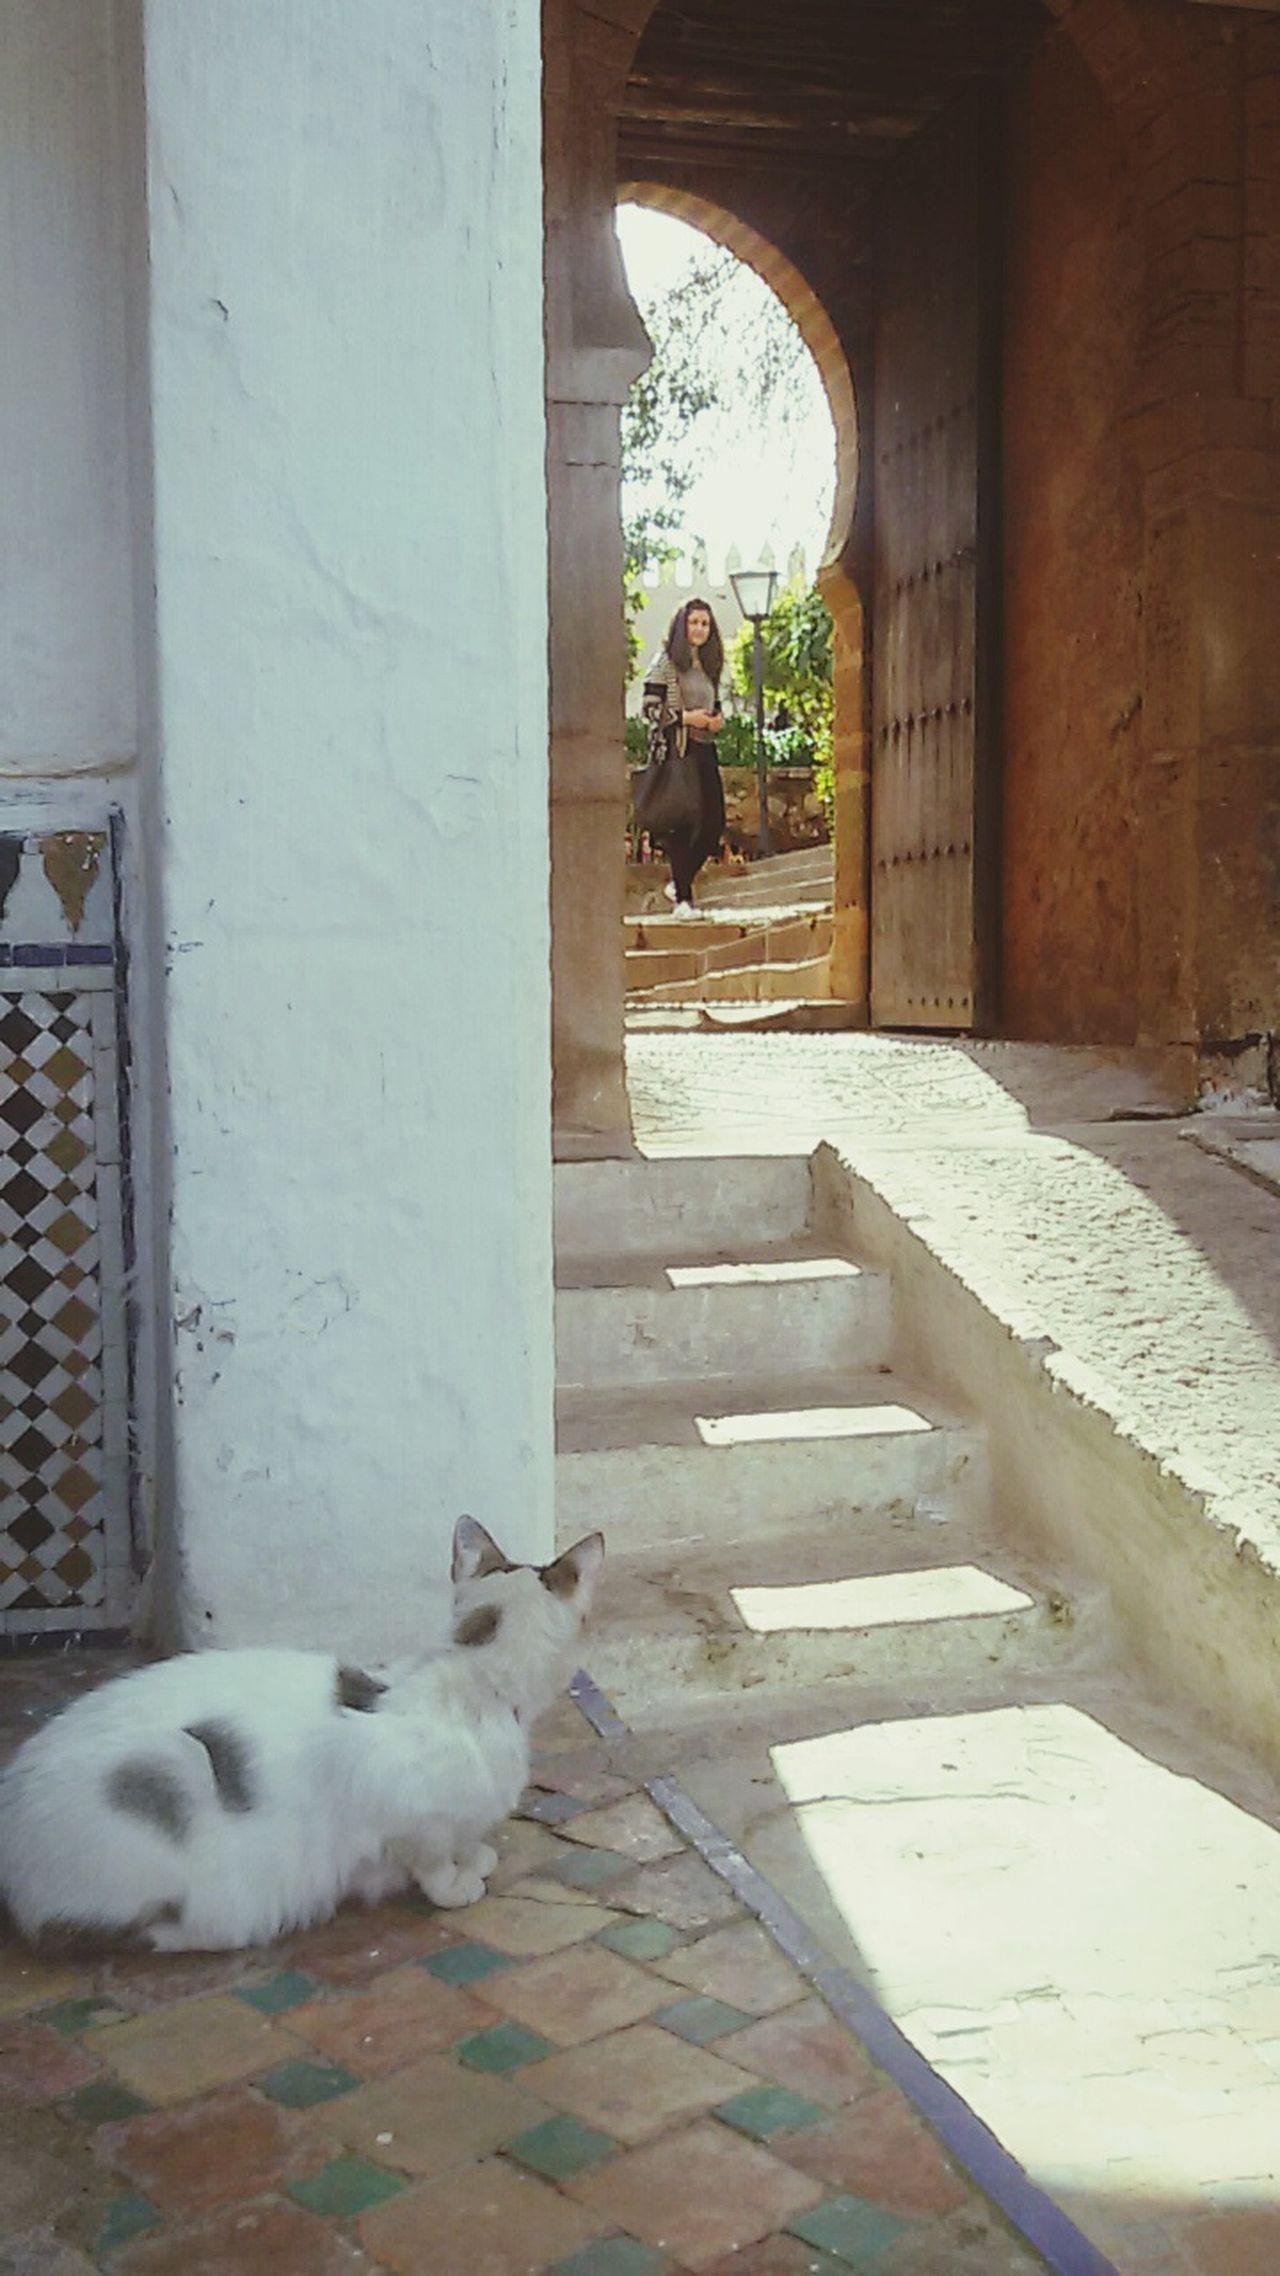 Animal Themes One Animal One Person Watching Les Oudayas Eyeemvision WeekOnEyeEm EyeEm Gallery EyeEmNewHere Morocco Doors